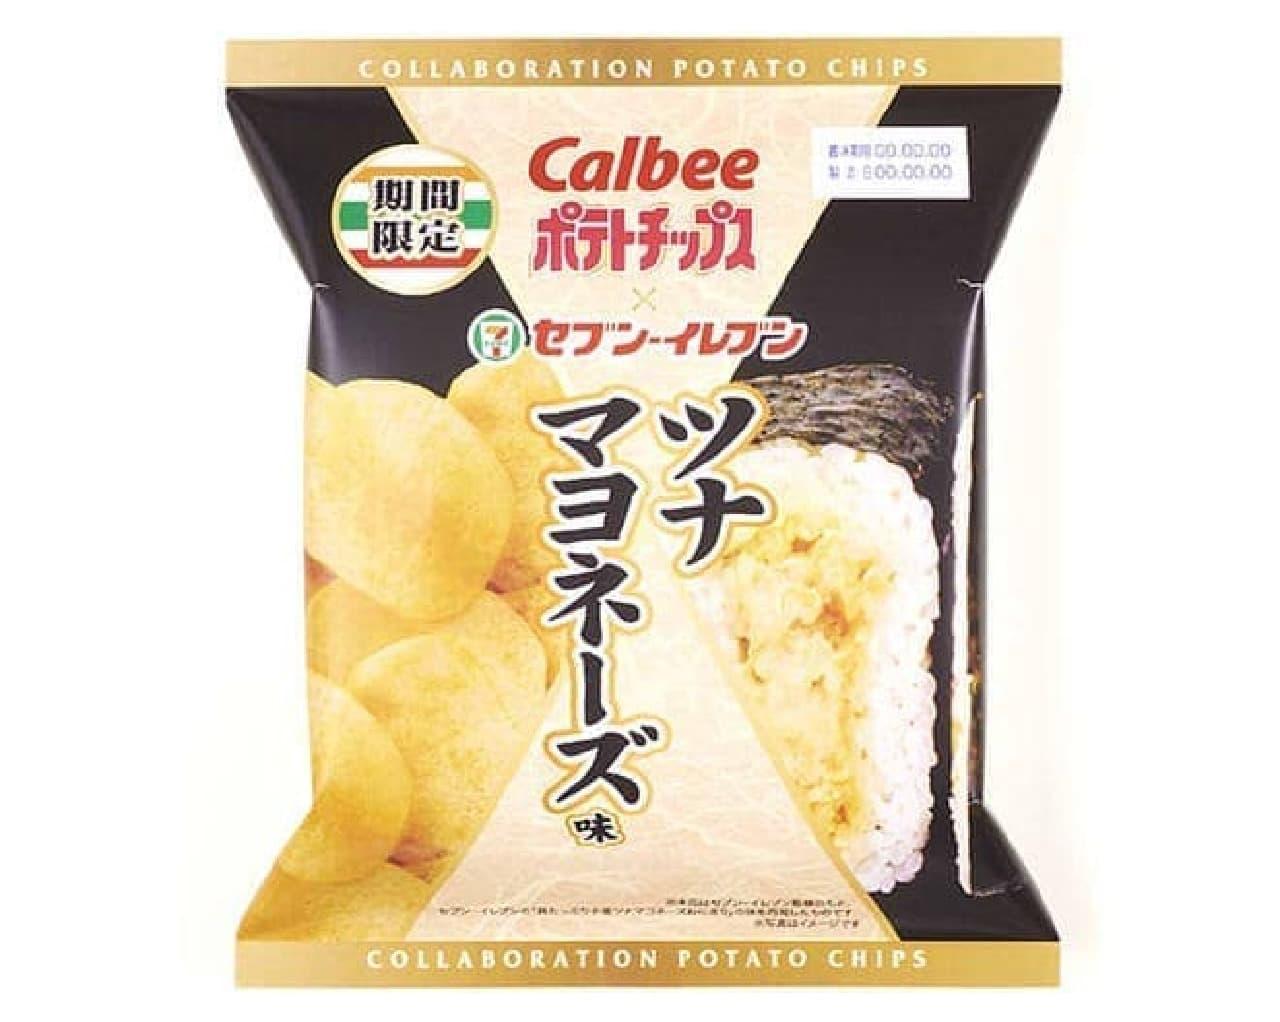 カルビー ポテトチップス ツナマヨネーズ味 セブン-イレブン